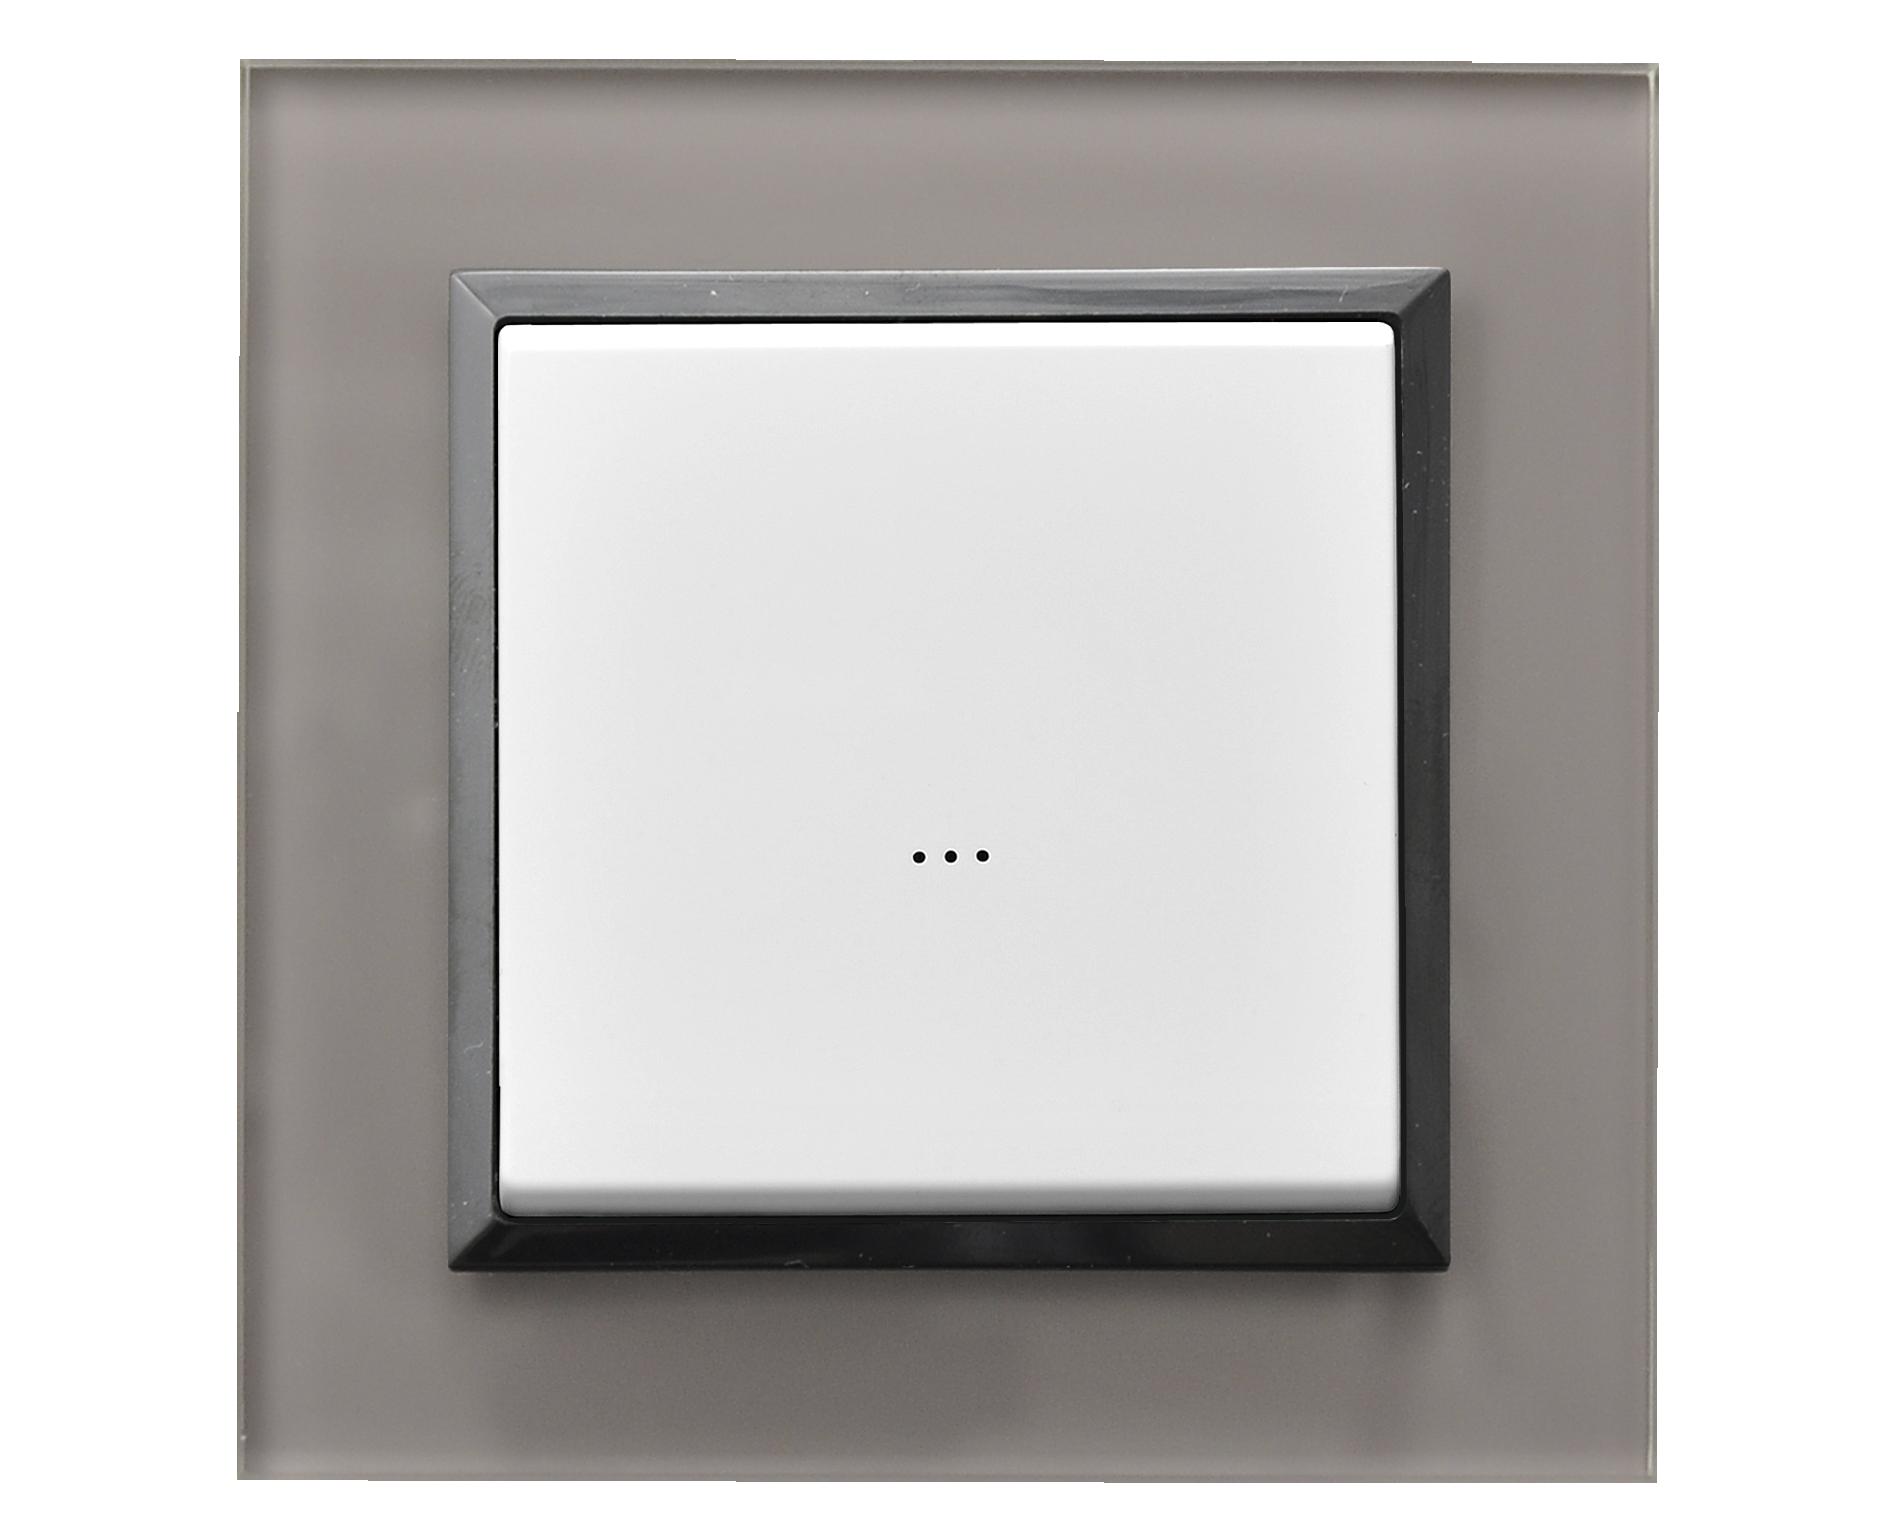 łącznik bezprzewodowy biały ramka szare szkło